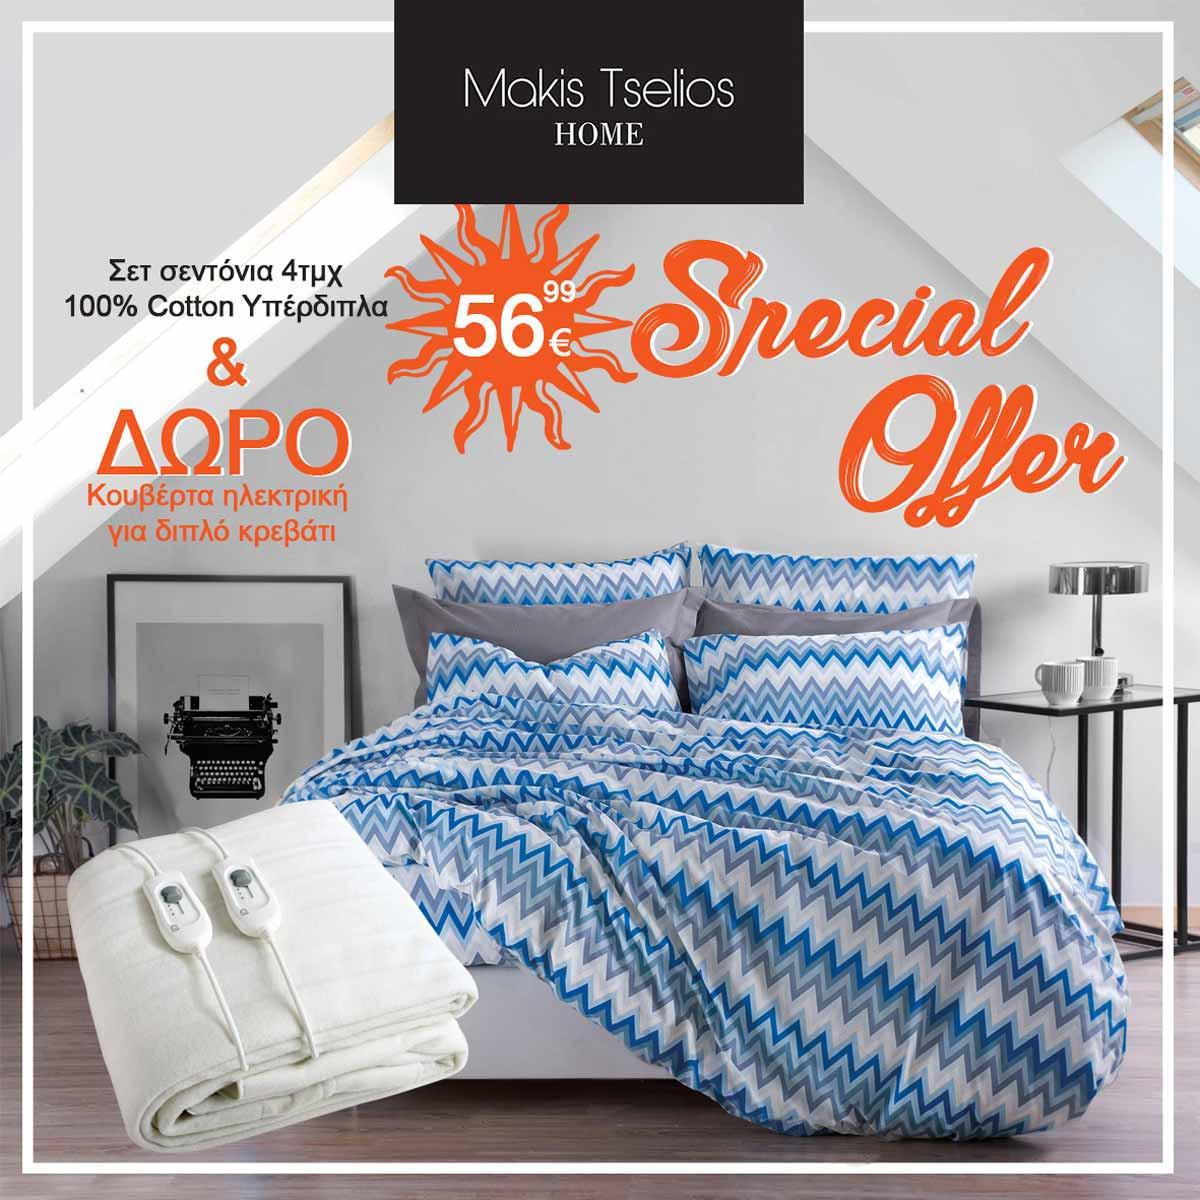 Σεντόνια Υπέρδιπλα (Σετ) Makis Tselios Zic Zac + Δώρο Ηλεκτρική Κουβέρτα